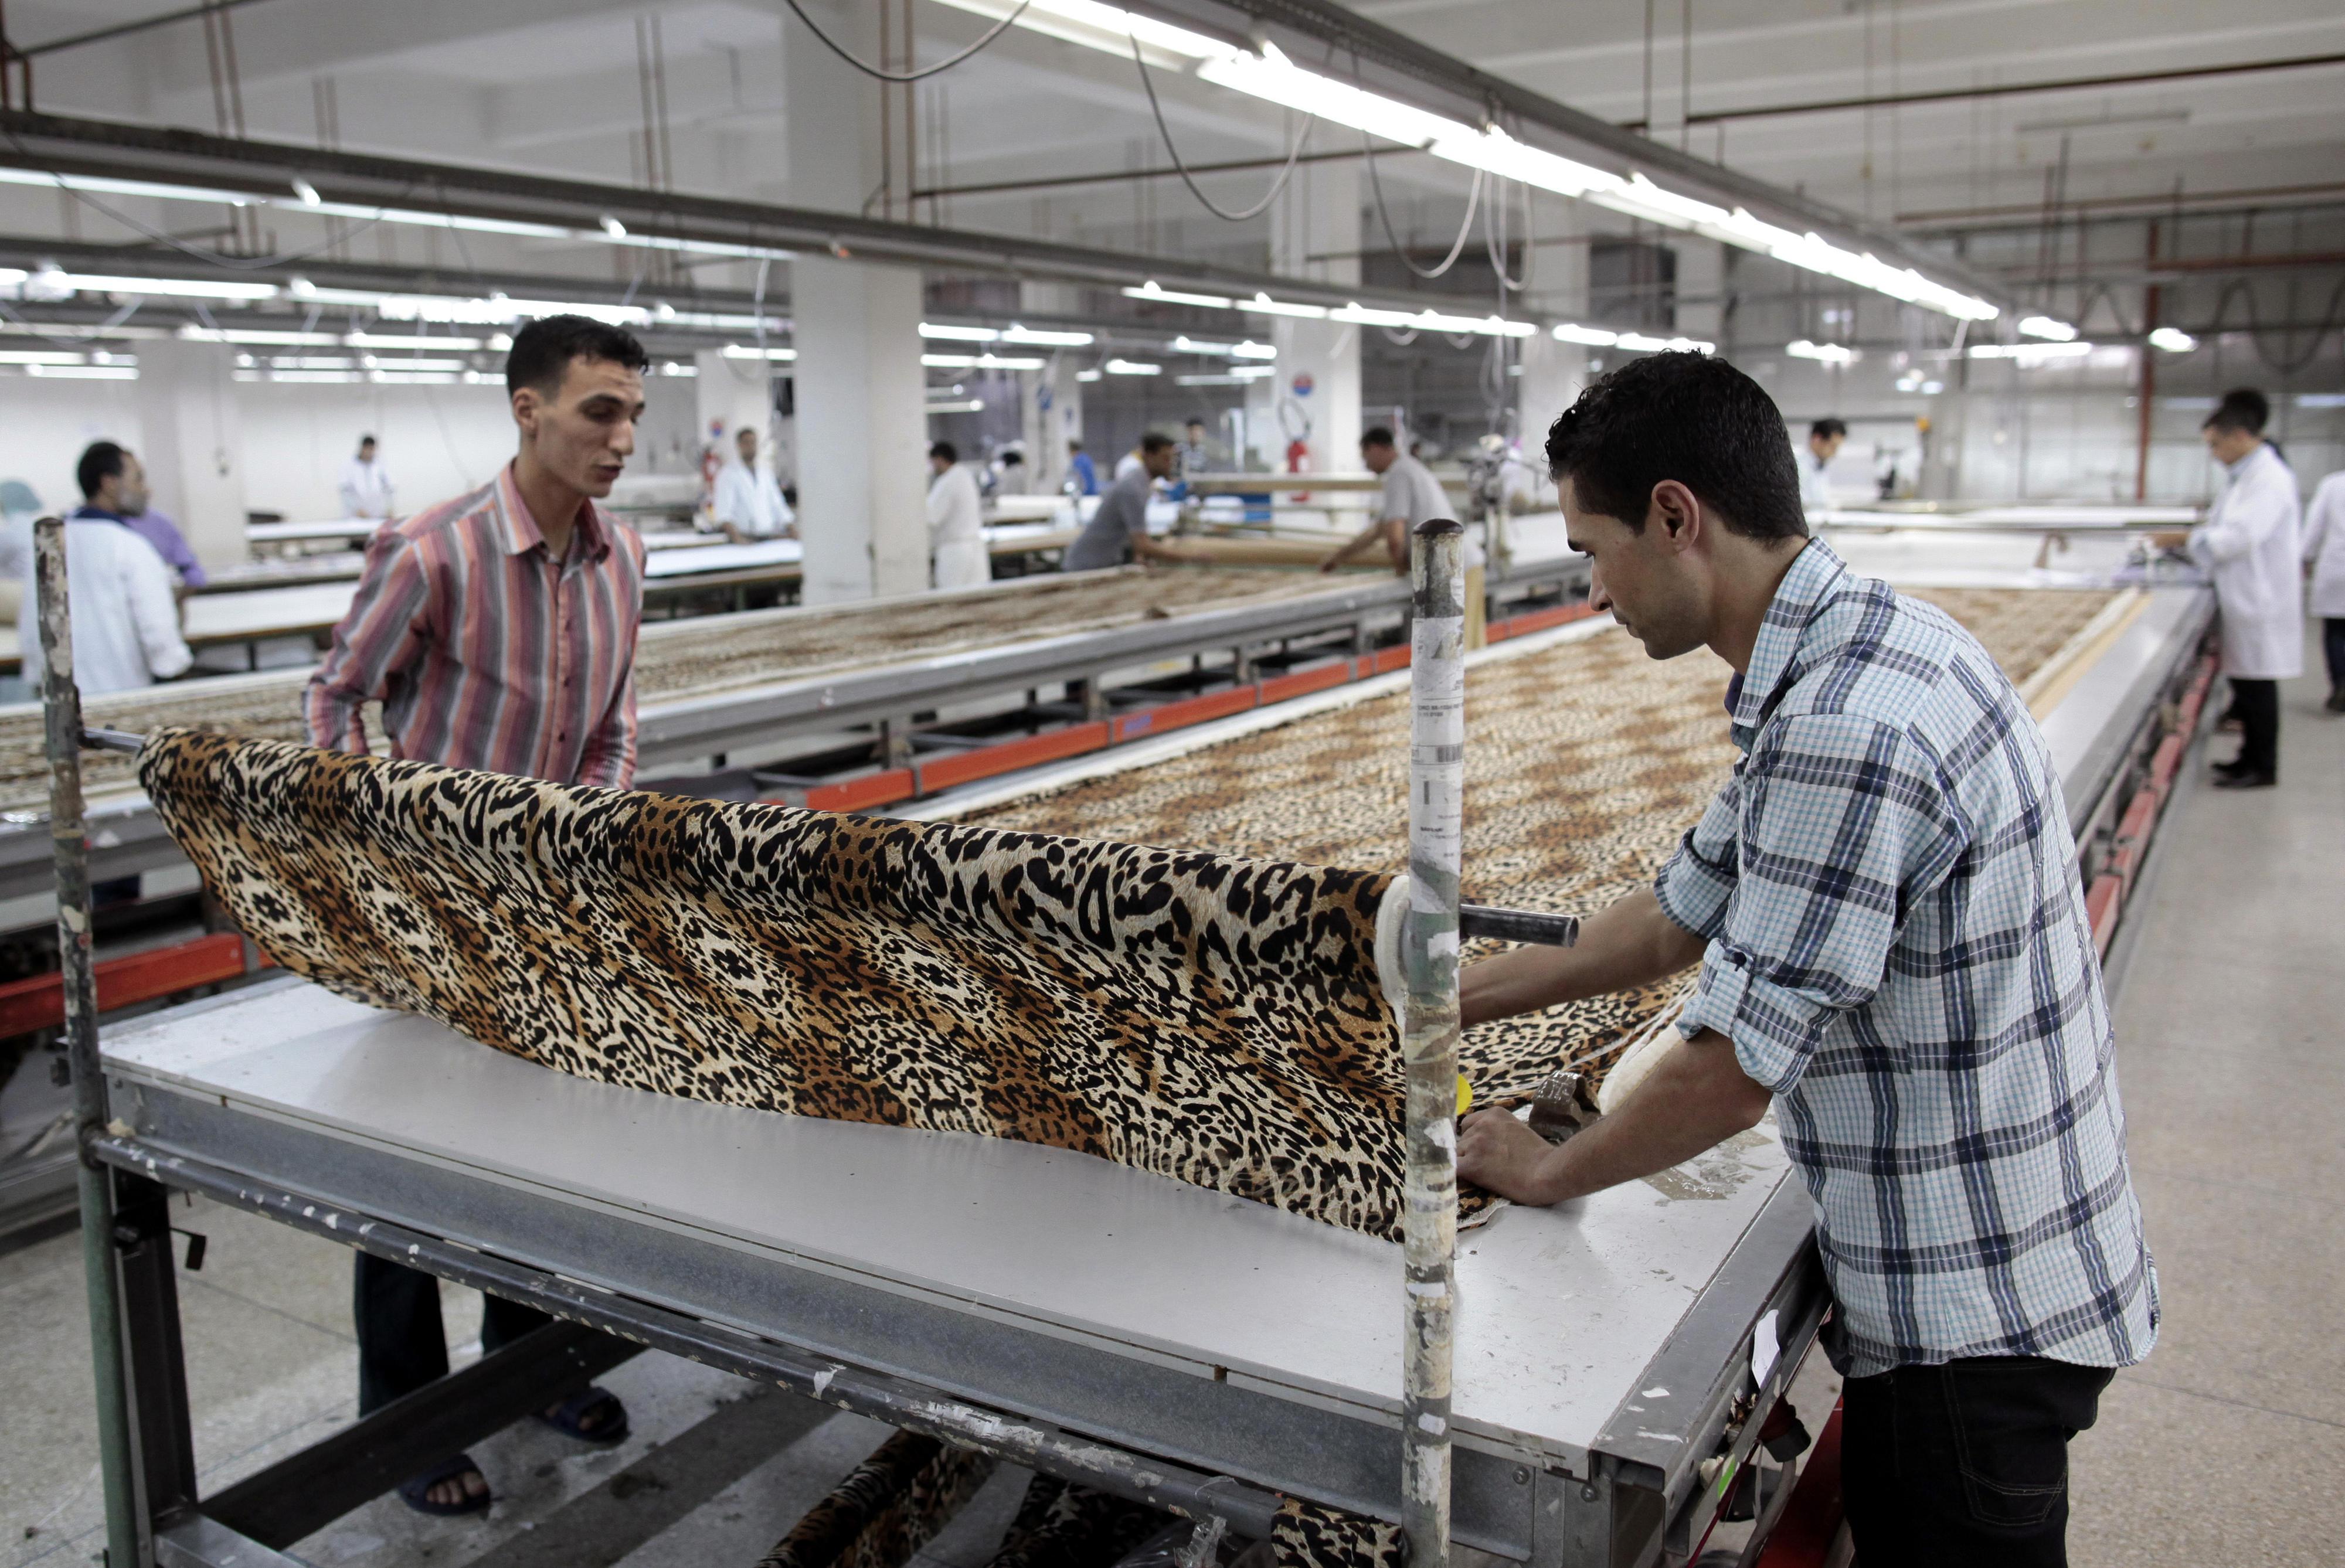 Mitarbeiter in einer Textilfabrik in Marokko, die ein duales Ausbildungssystem nach deutschem Vorbild anbietet